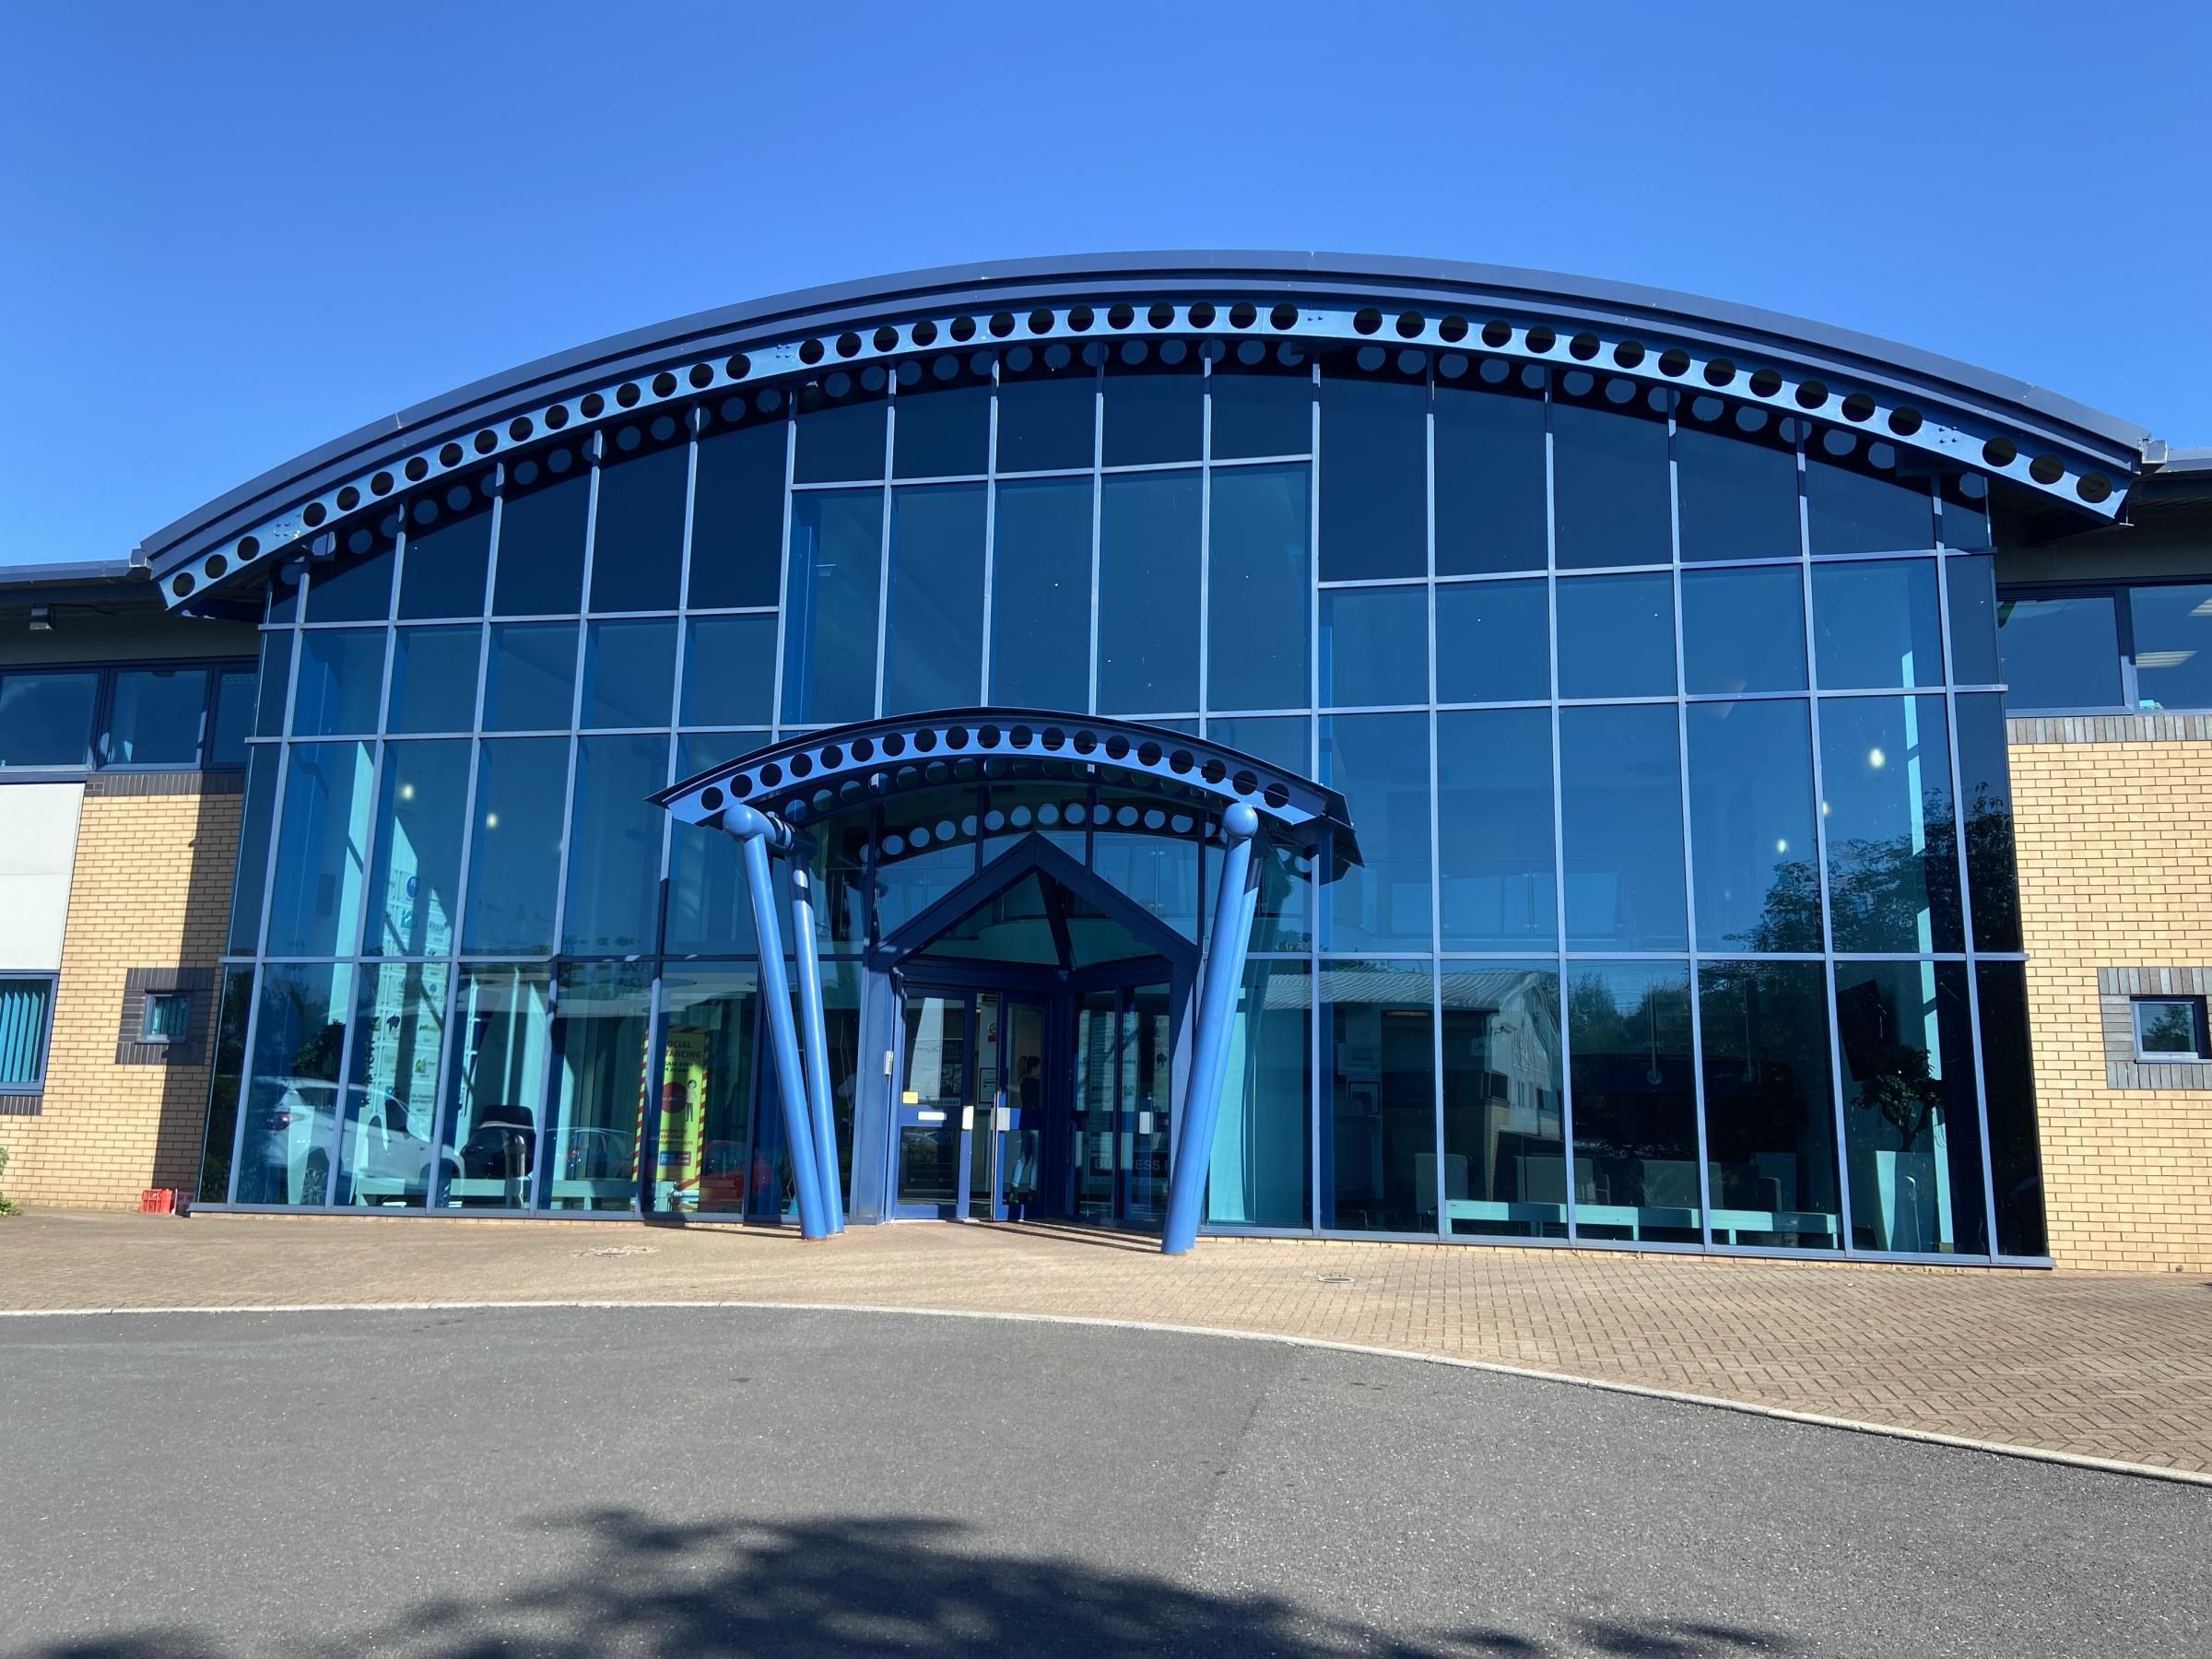 Kantor taman bisnis Padiham memiliki pemilik baru dengan rencana